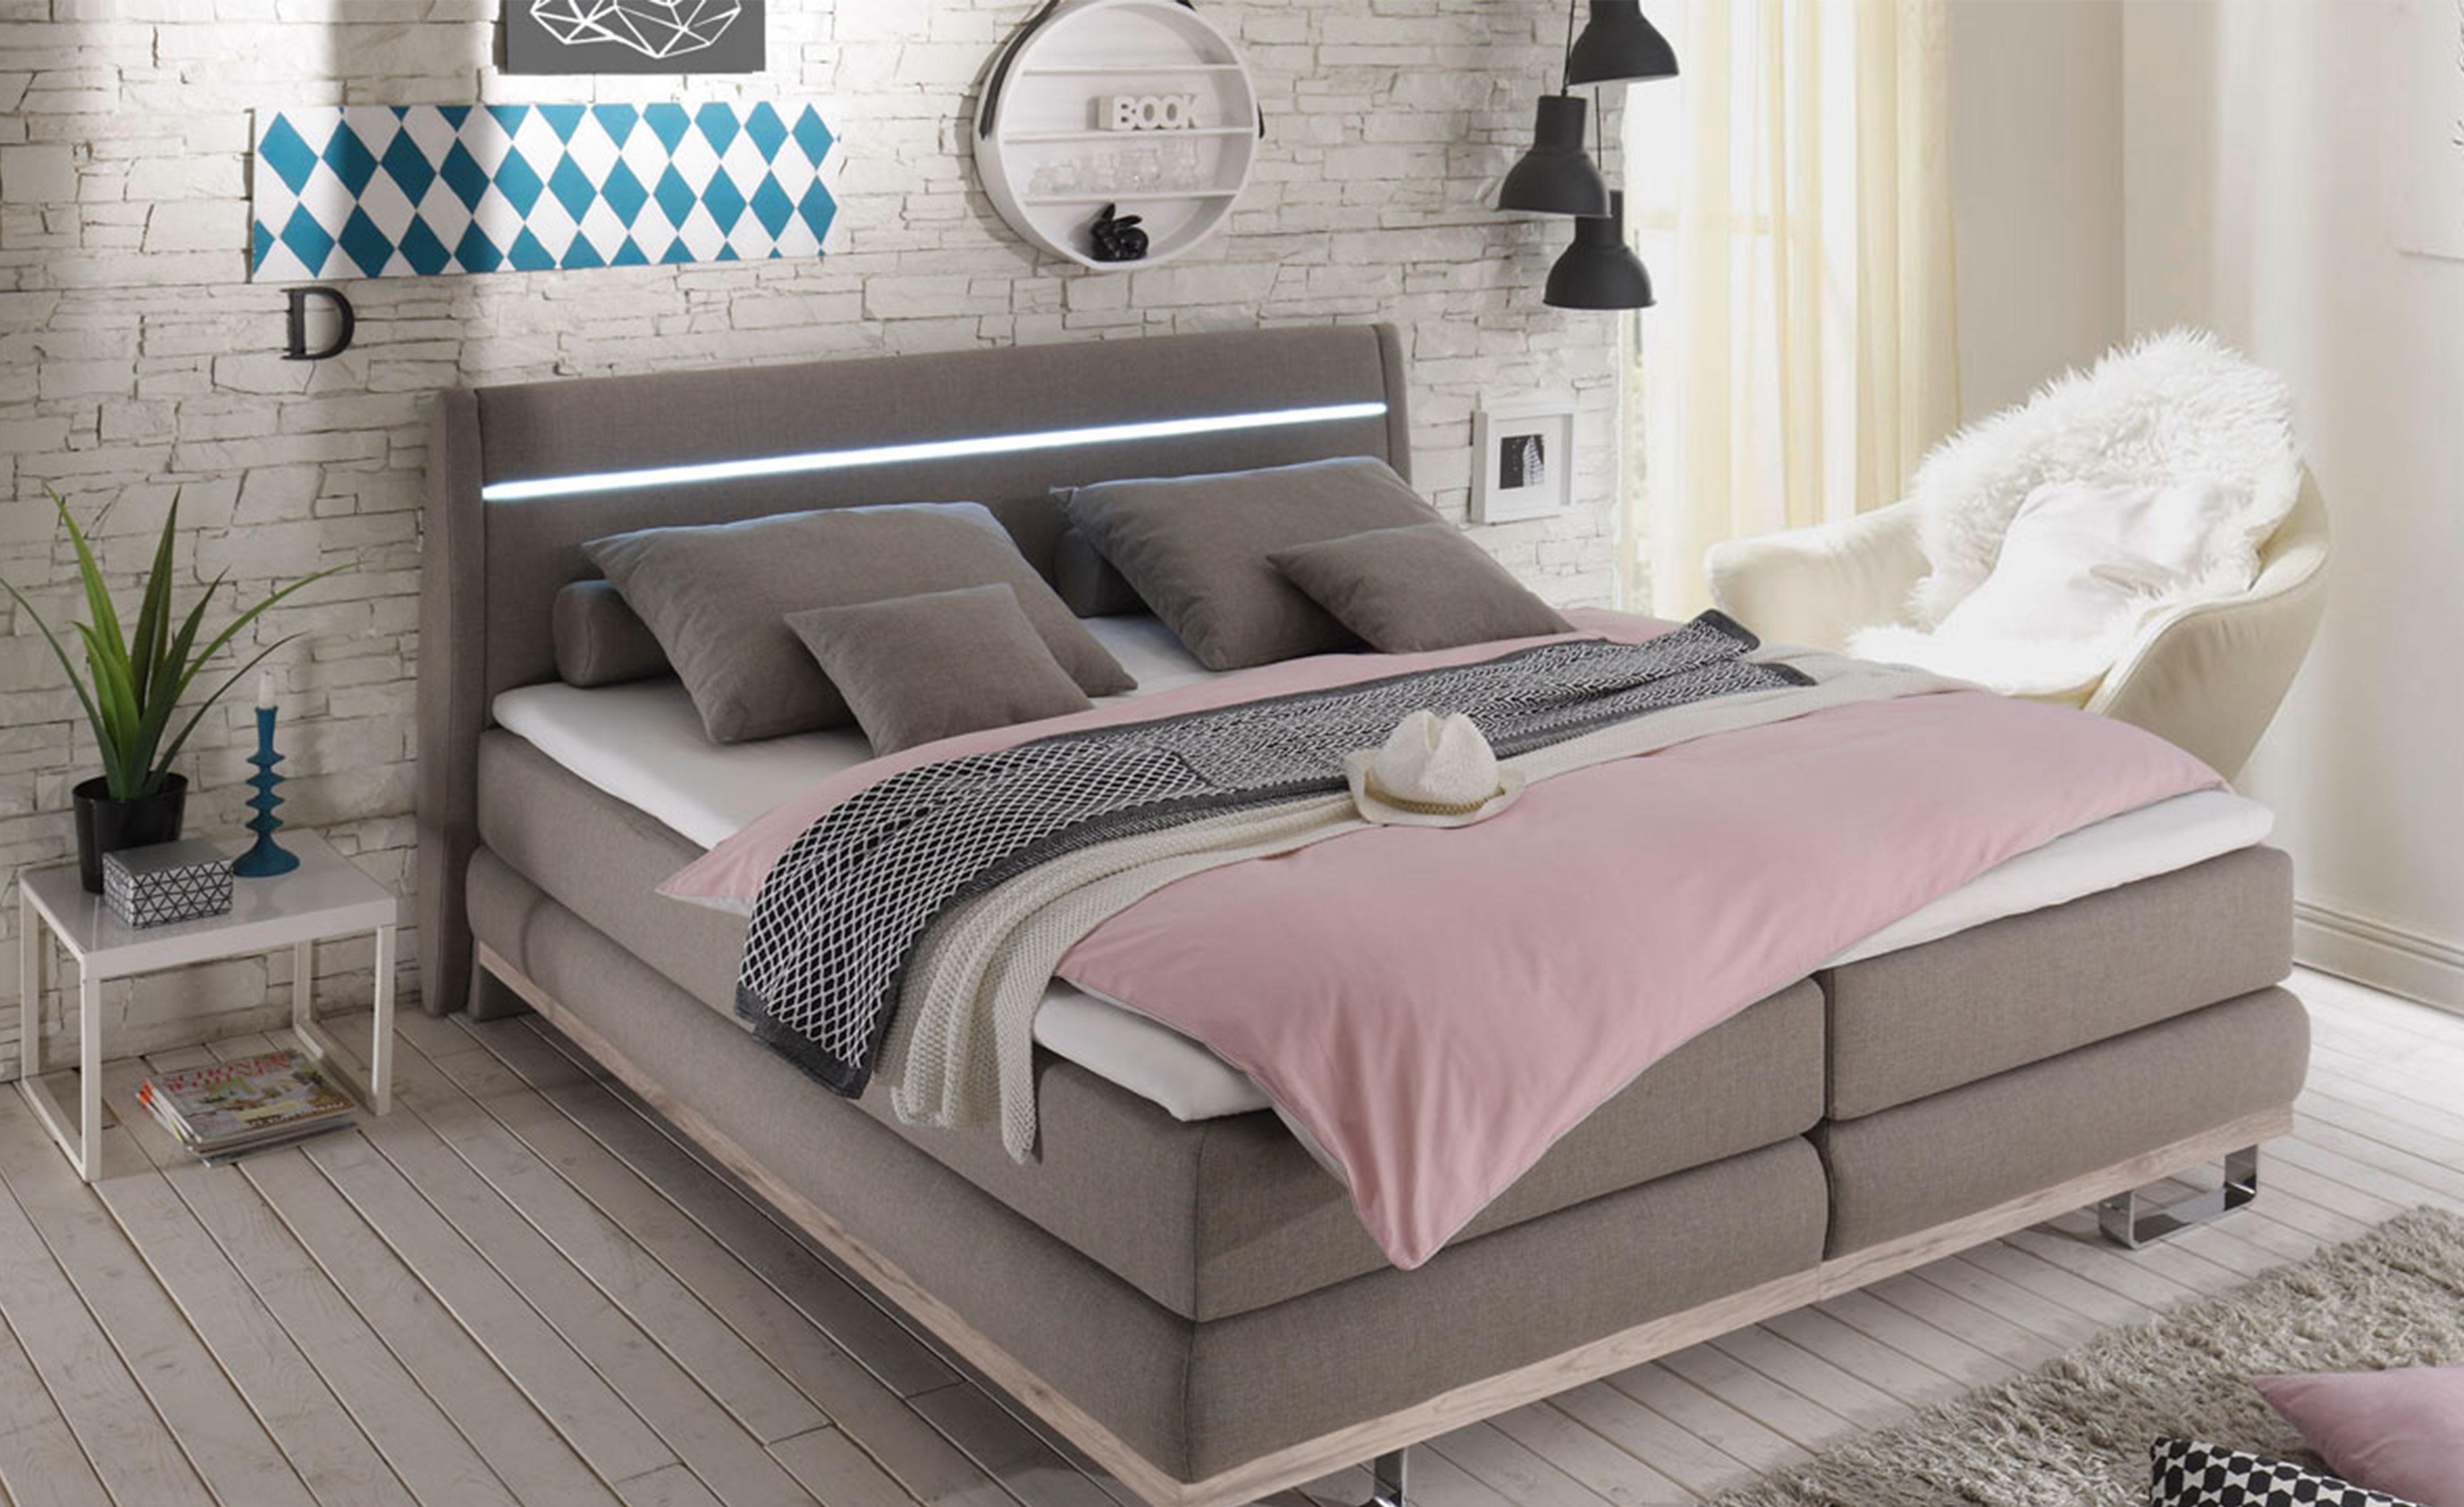 luxus ausziehbares bett auf gleicher h he bilder erindzain. Black Bedroom Furniture Sets. Home Design Ideas